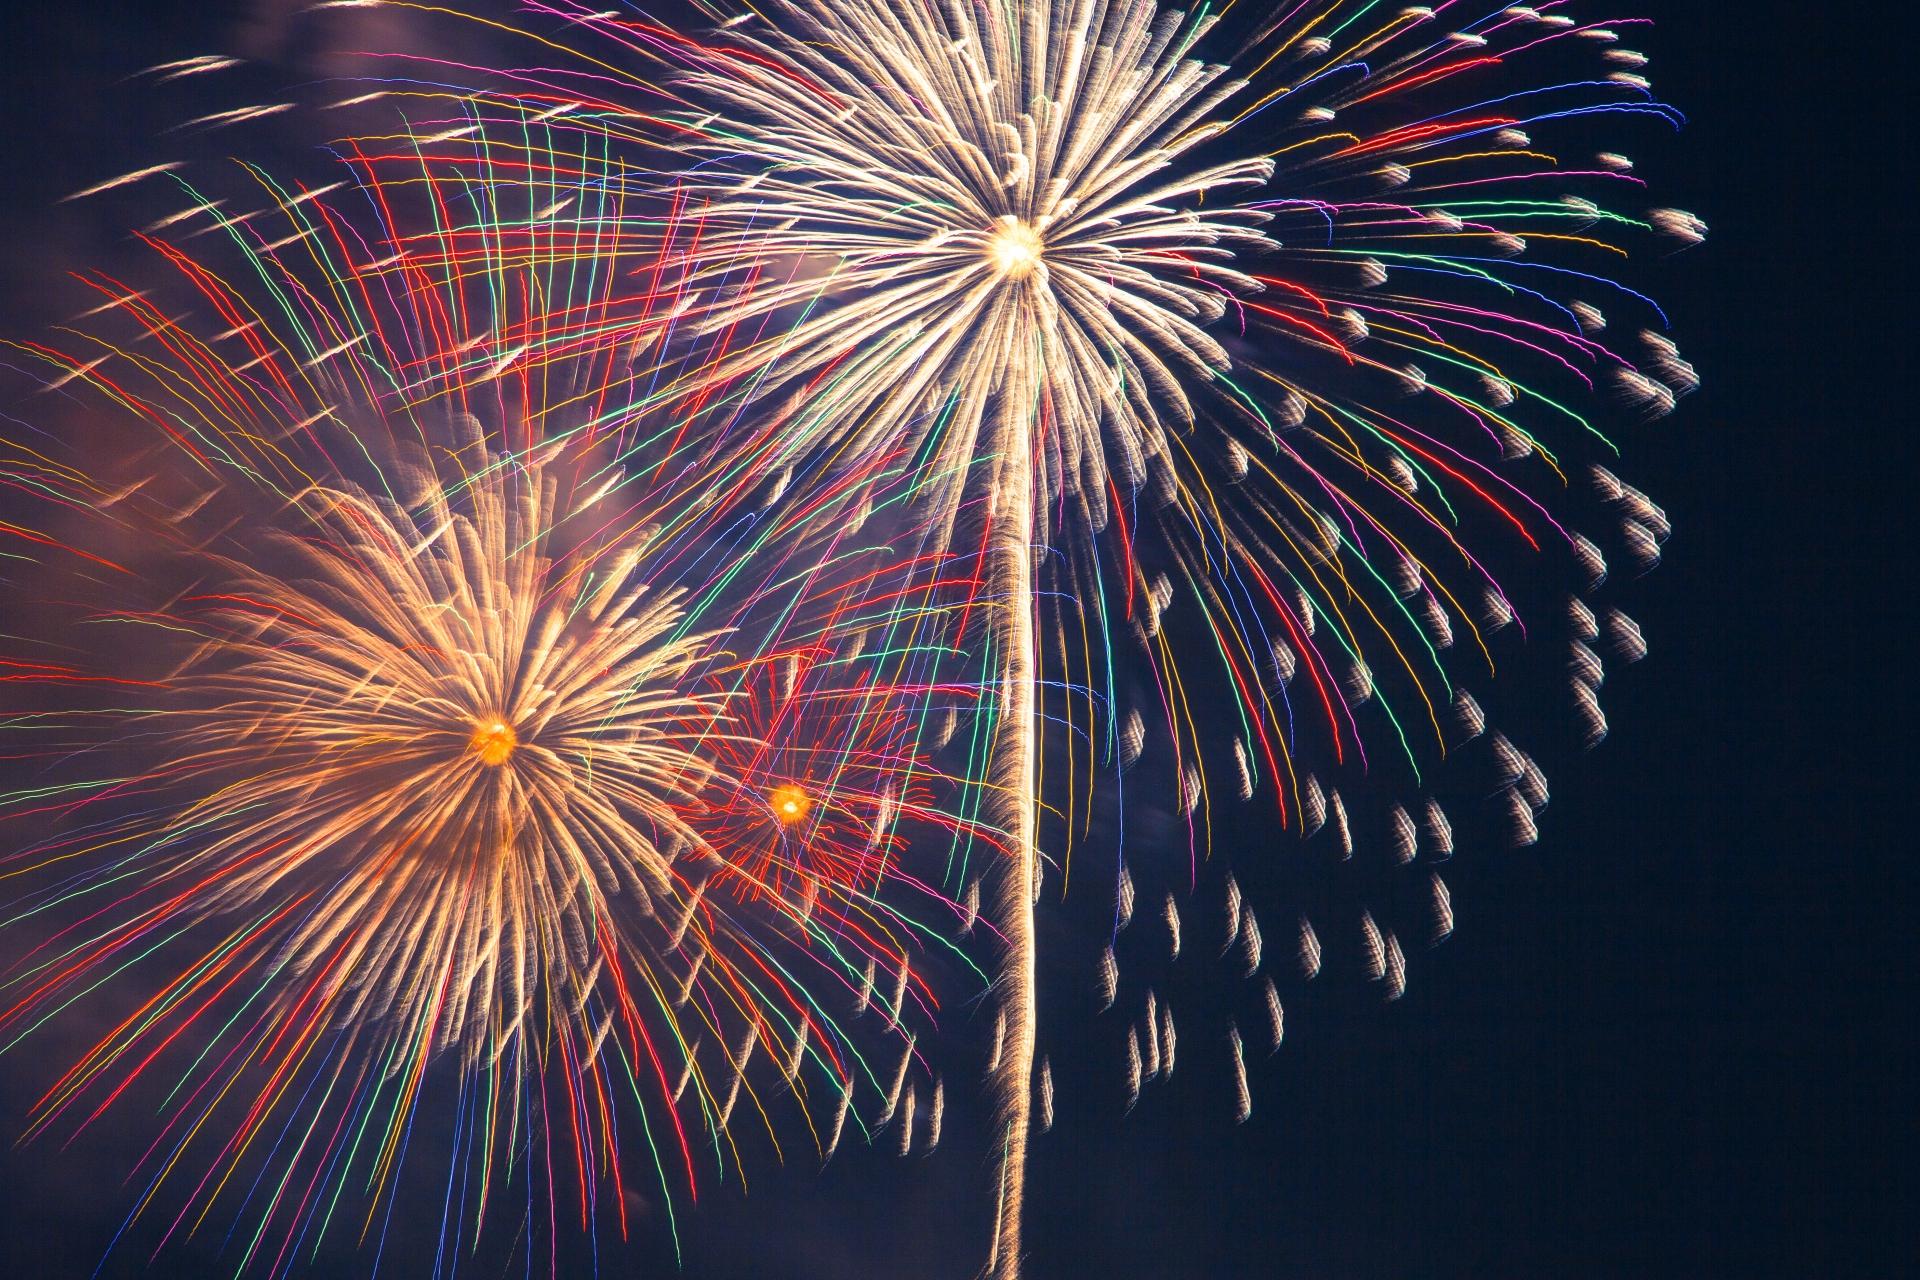 草加市民納涼大花火大会2018年の日程や穴場スポットは?交通規制情報も紹介!